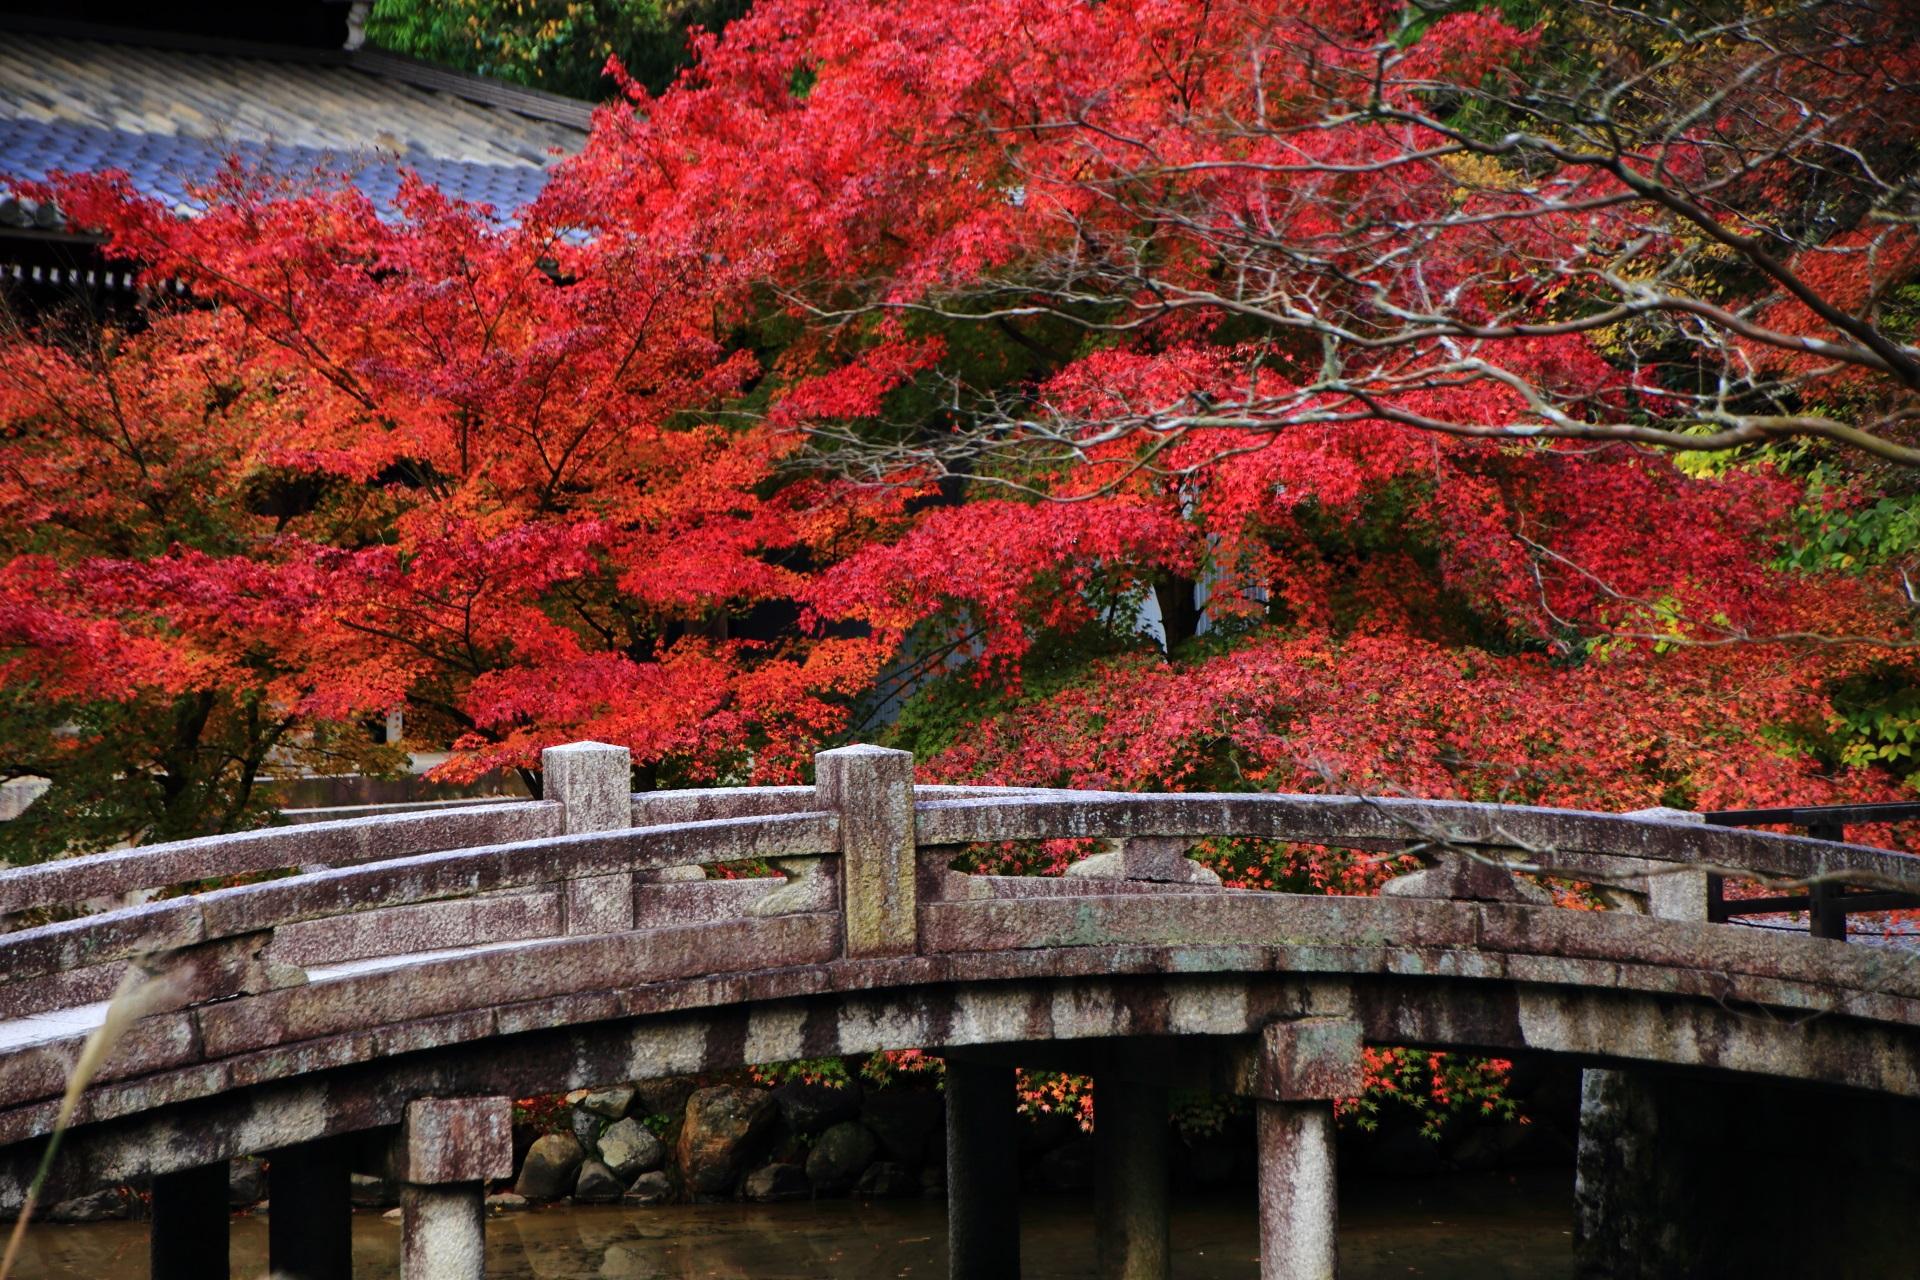 知恩院の石橋を彩る絶品の紅葉